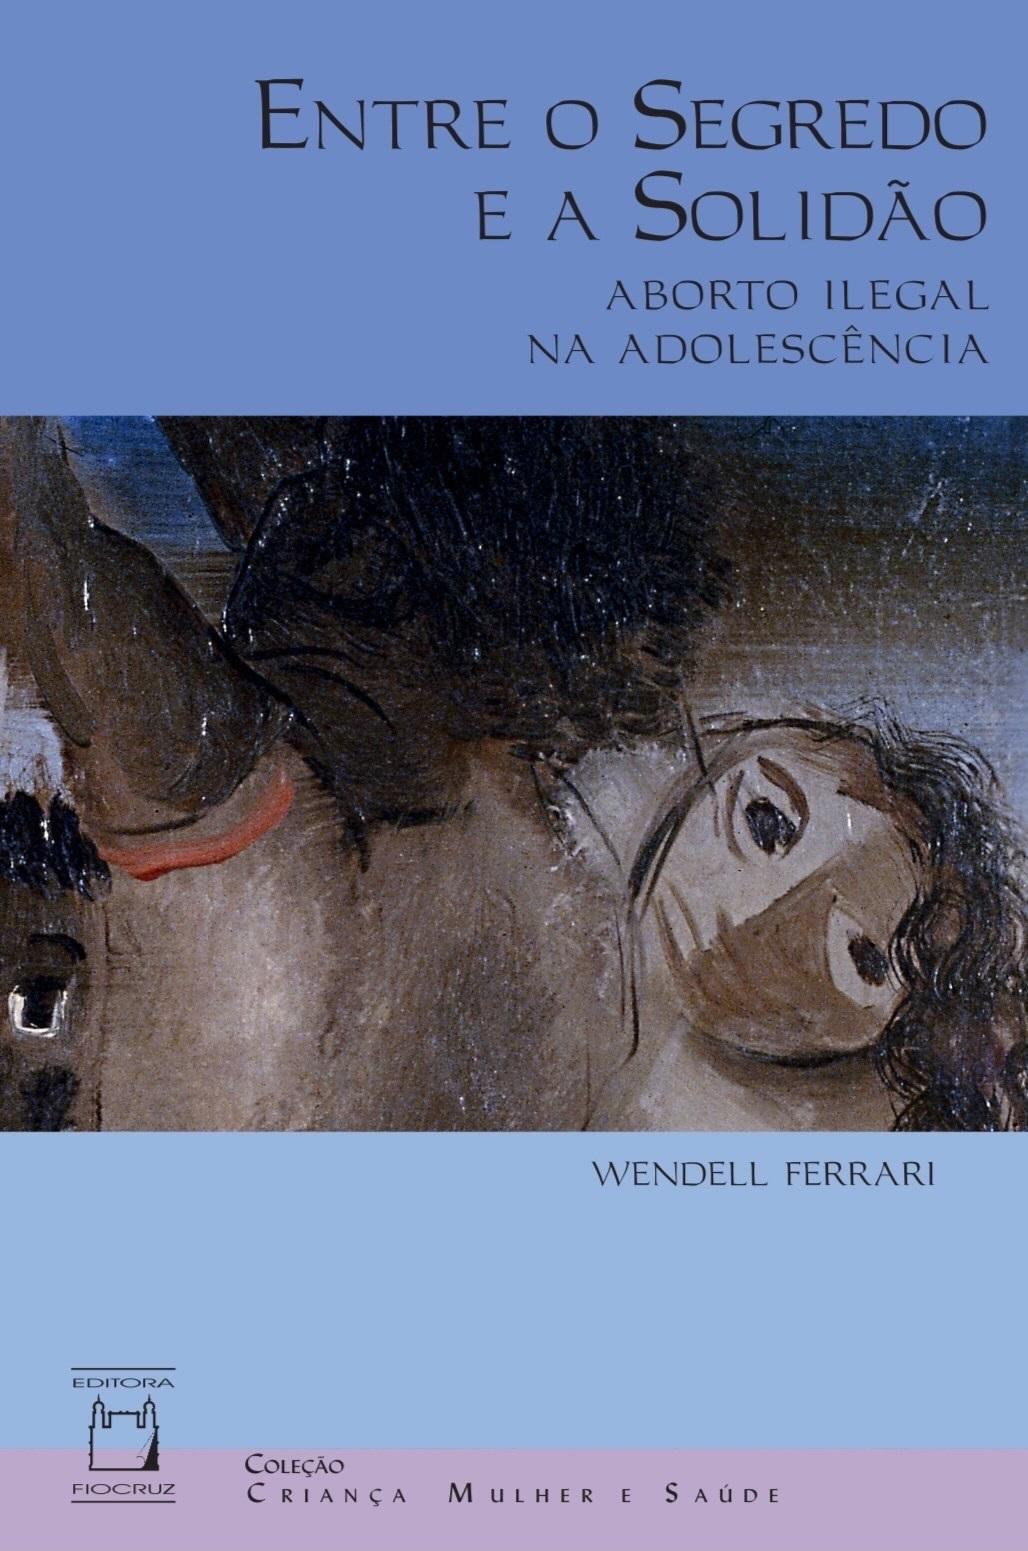 Entre o Segredo e a Solidão: aborto ilegal na adolescência  - Livraria Virtual da Editora Fiocruz